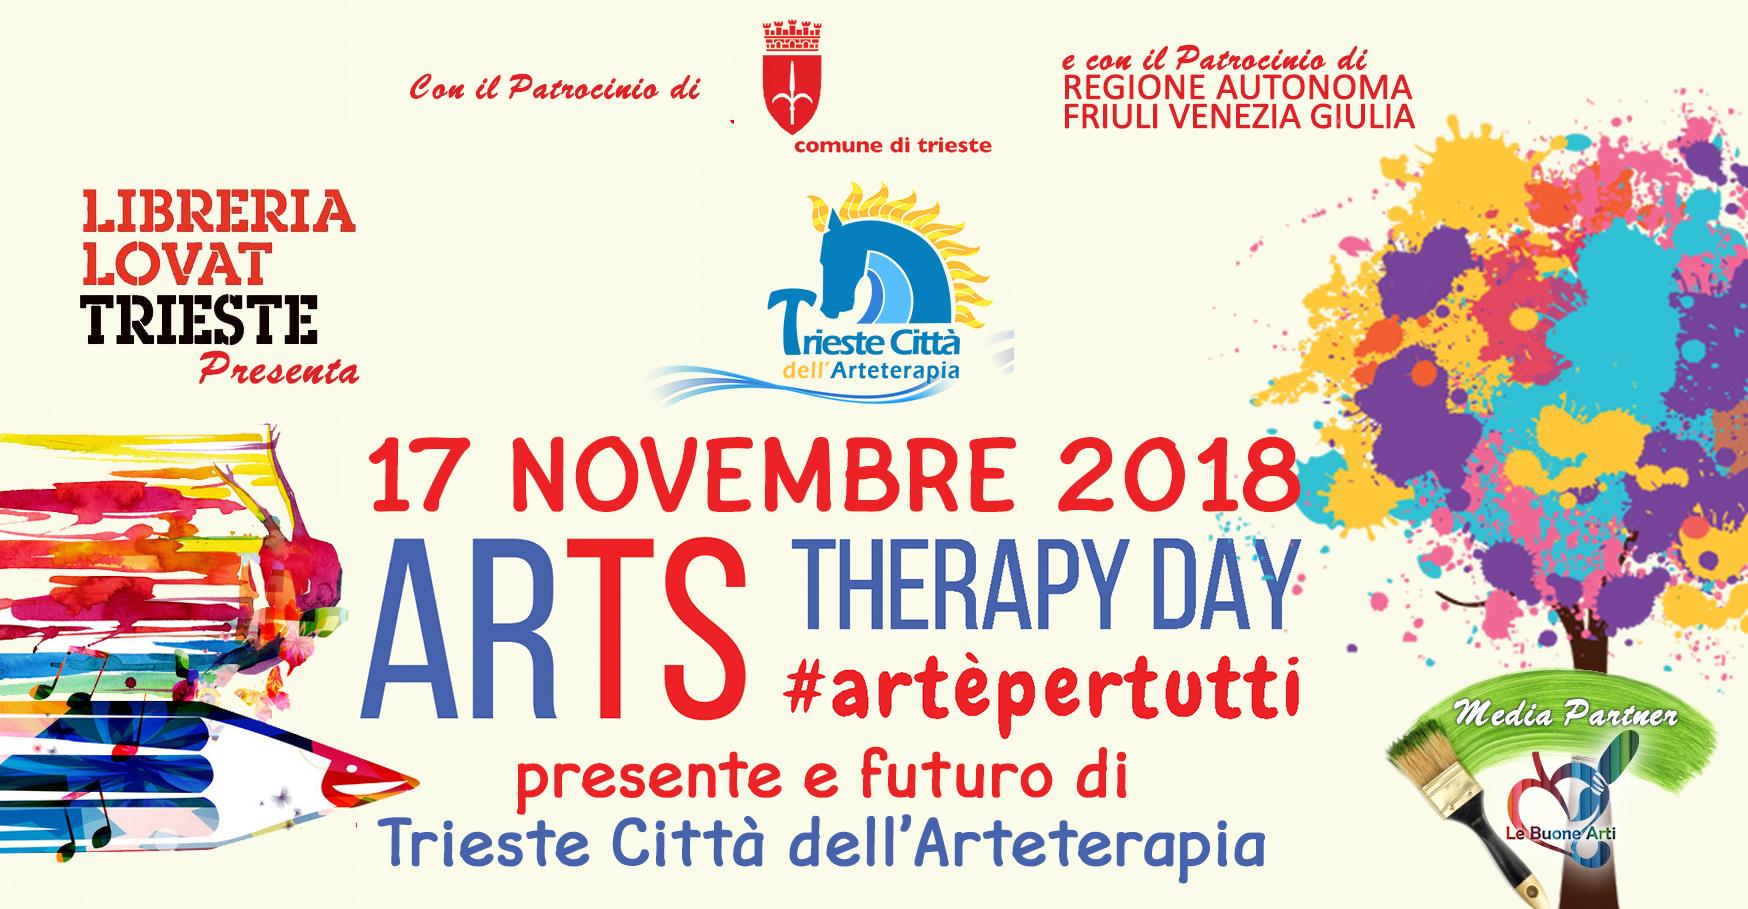 ArTS Therapy Day 2018: ritorna l'Arteterapia alla Lovat Trieste.